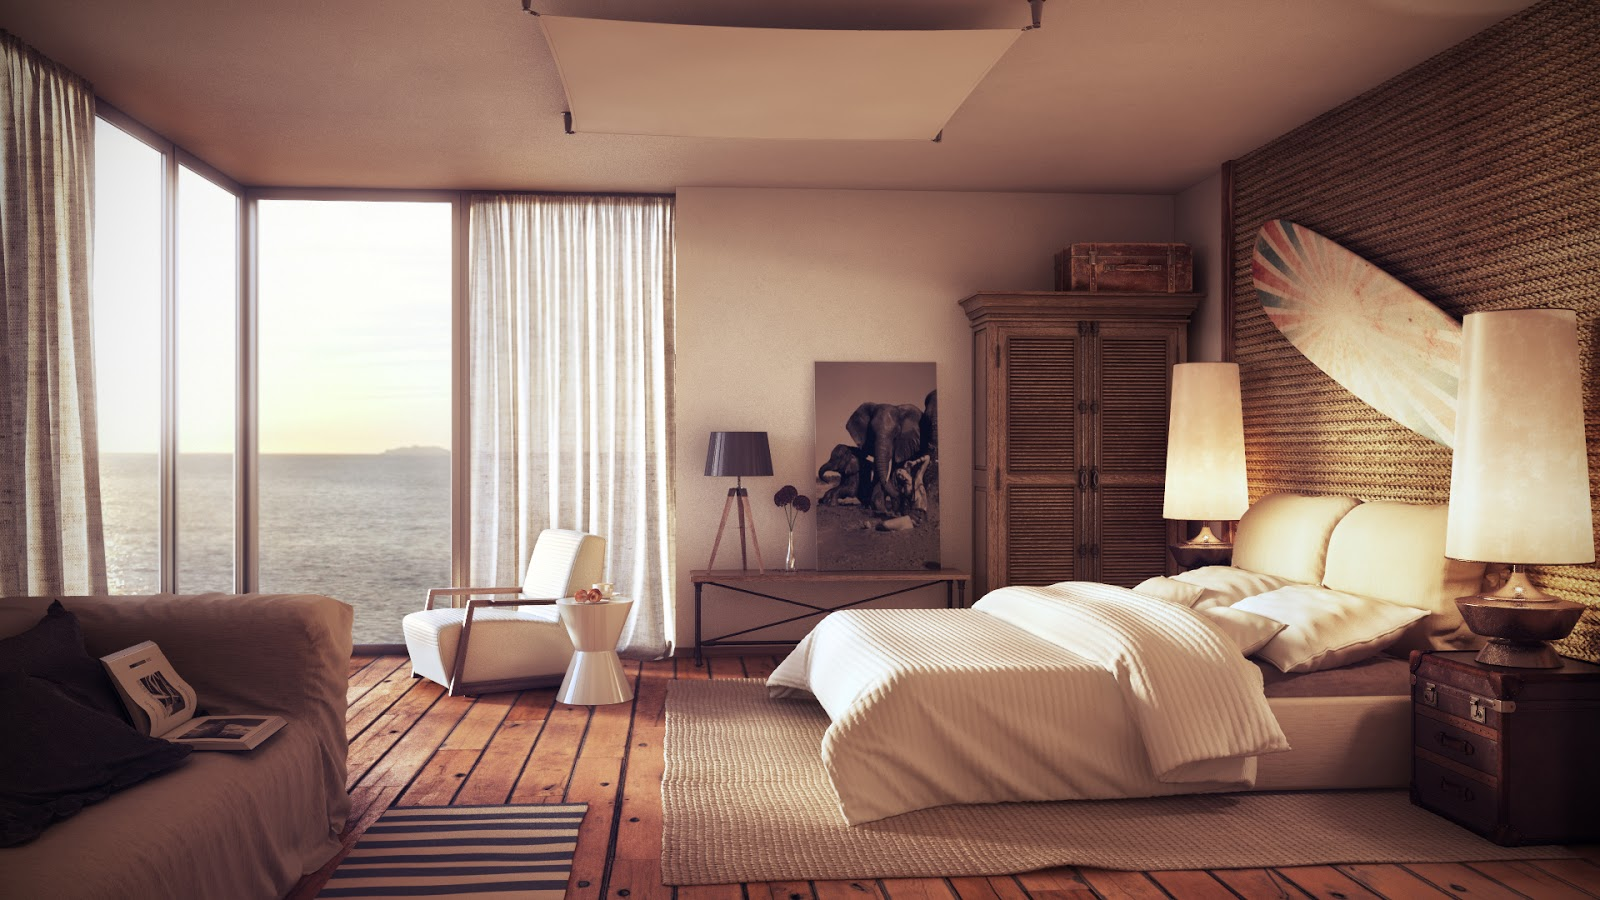 kamar+tidur+rumah+modern Desain Rumah Modern Dari Karya Brilian Arsitektur Uglyanitsa Alexander